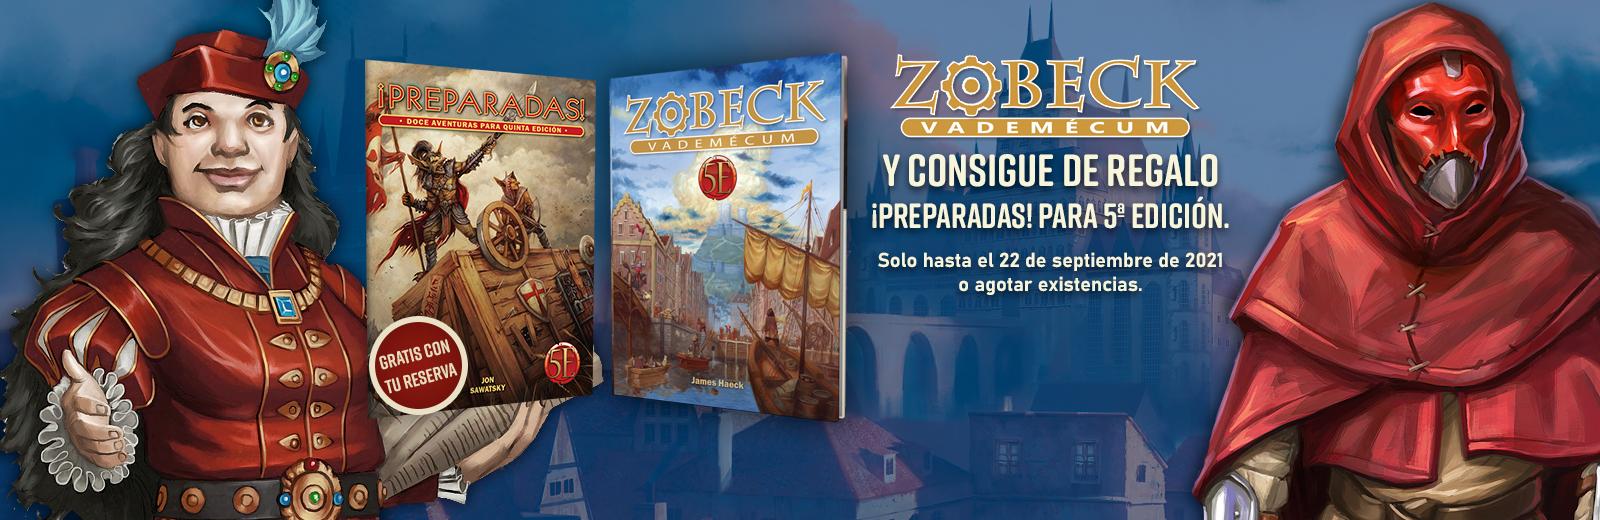 ZOBECK_RN285_WEB-reserva.jpg